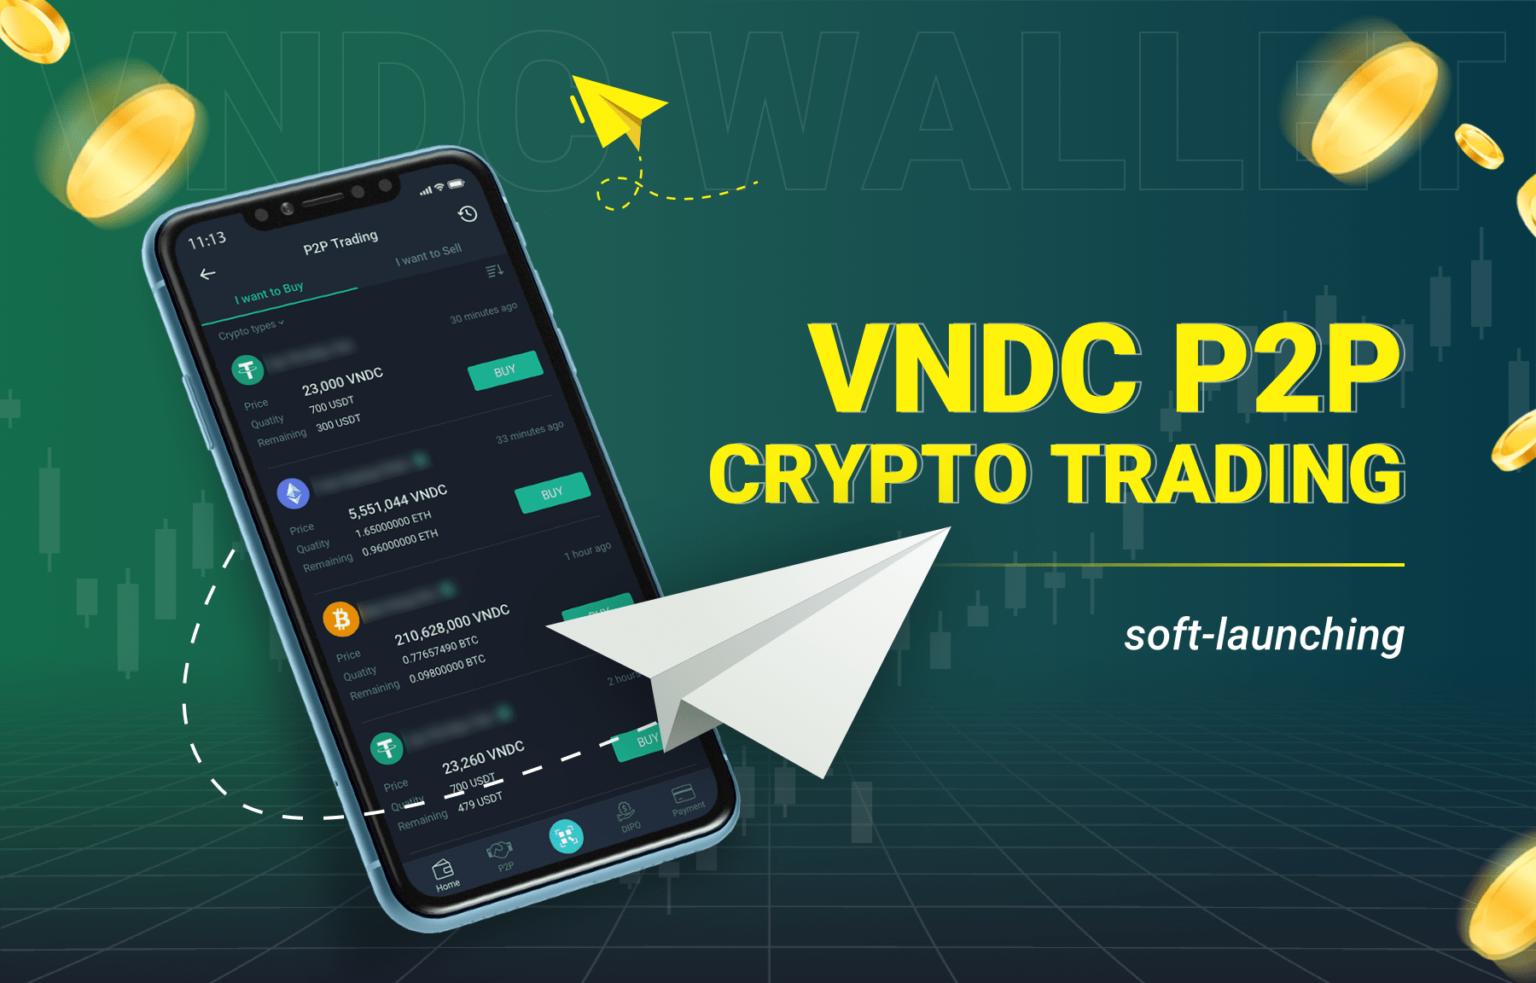 Thông báo: VNDC điều chỉnh phí giao dịch P2P cho từng cấp độ tài khoản